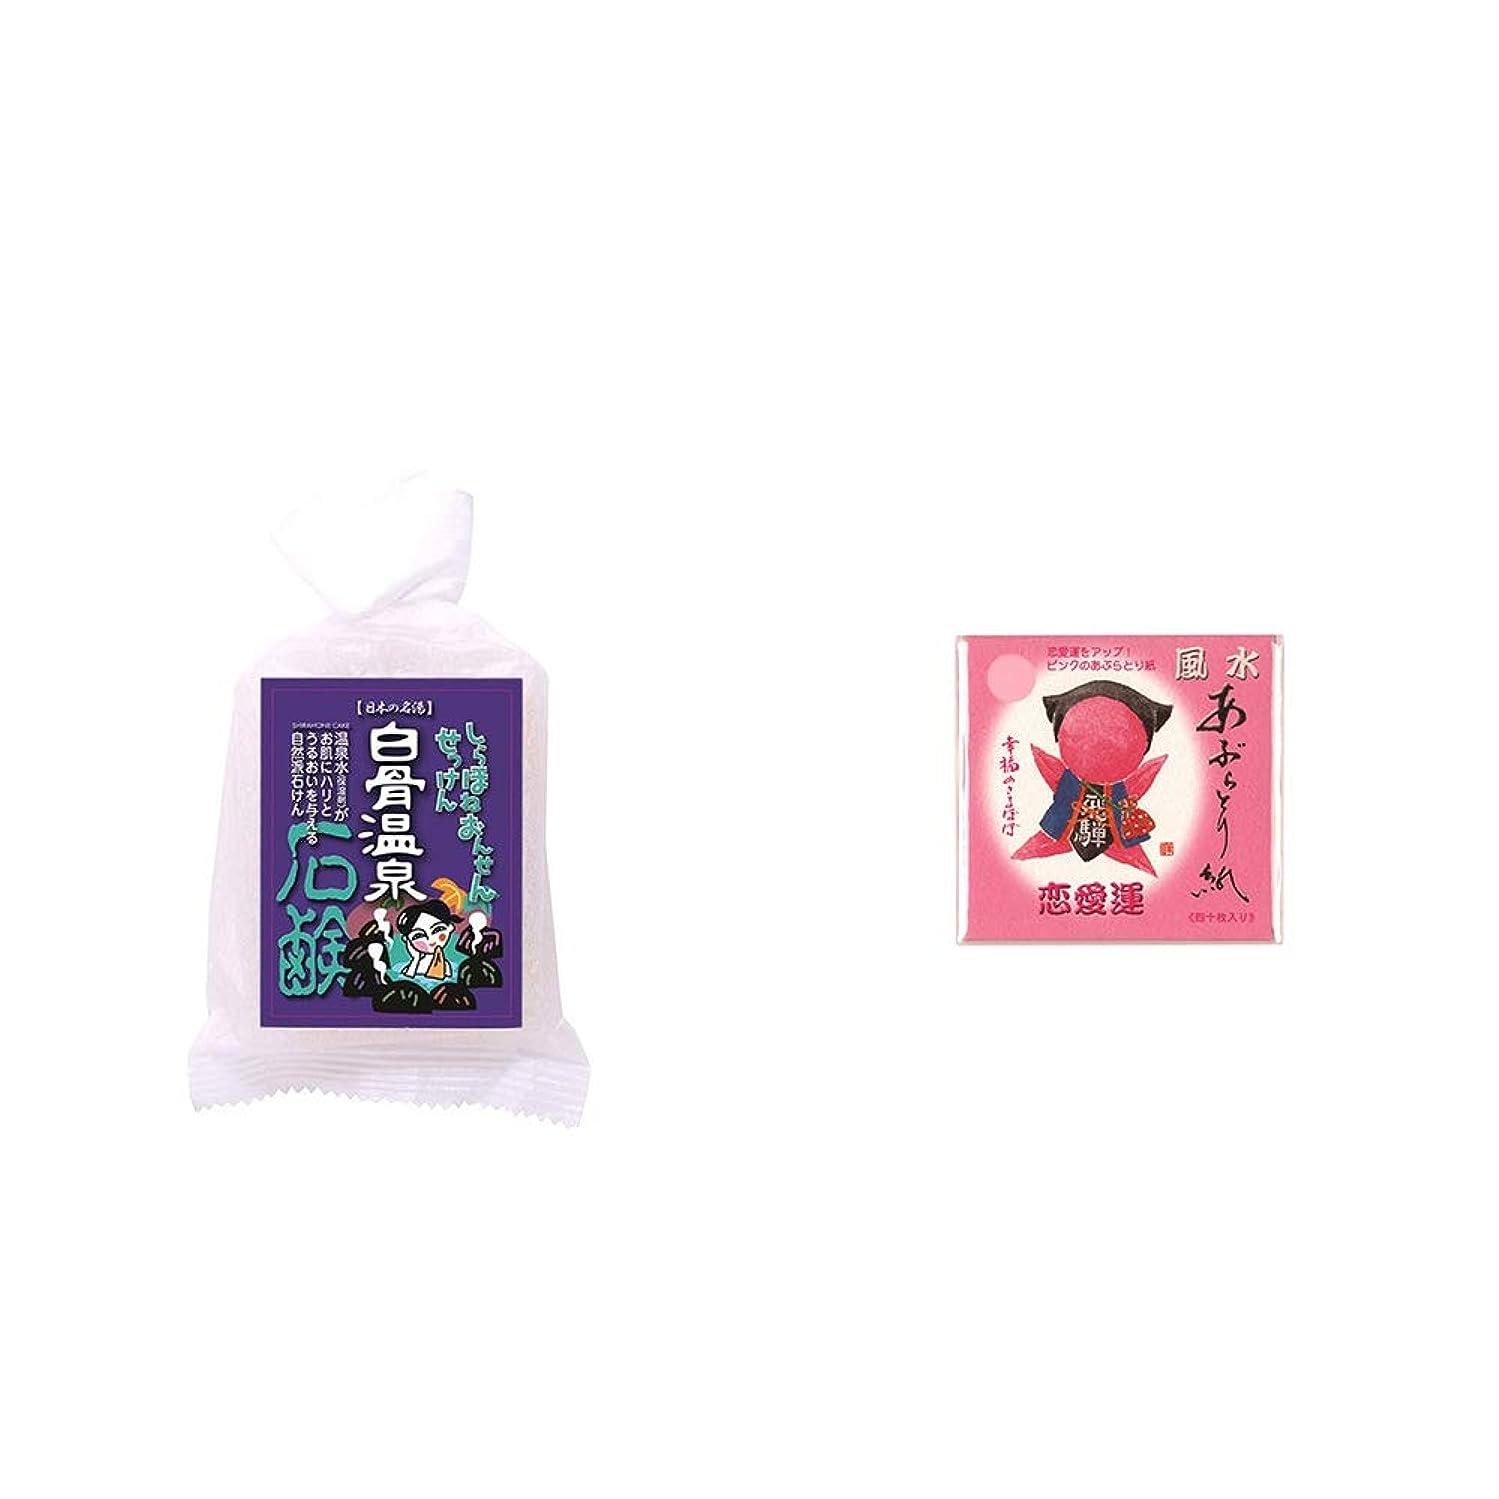 発送寝具レバー[2点セット] 信州 白骨温泉石鹸(80g)?さるぼぼ 風水あぶらとり紙【ピンク】